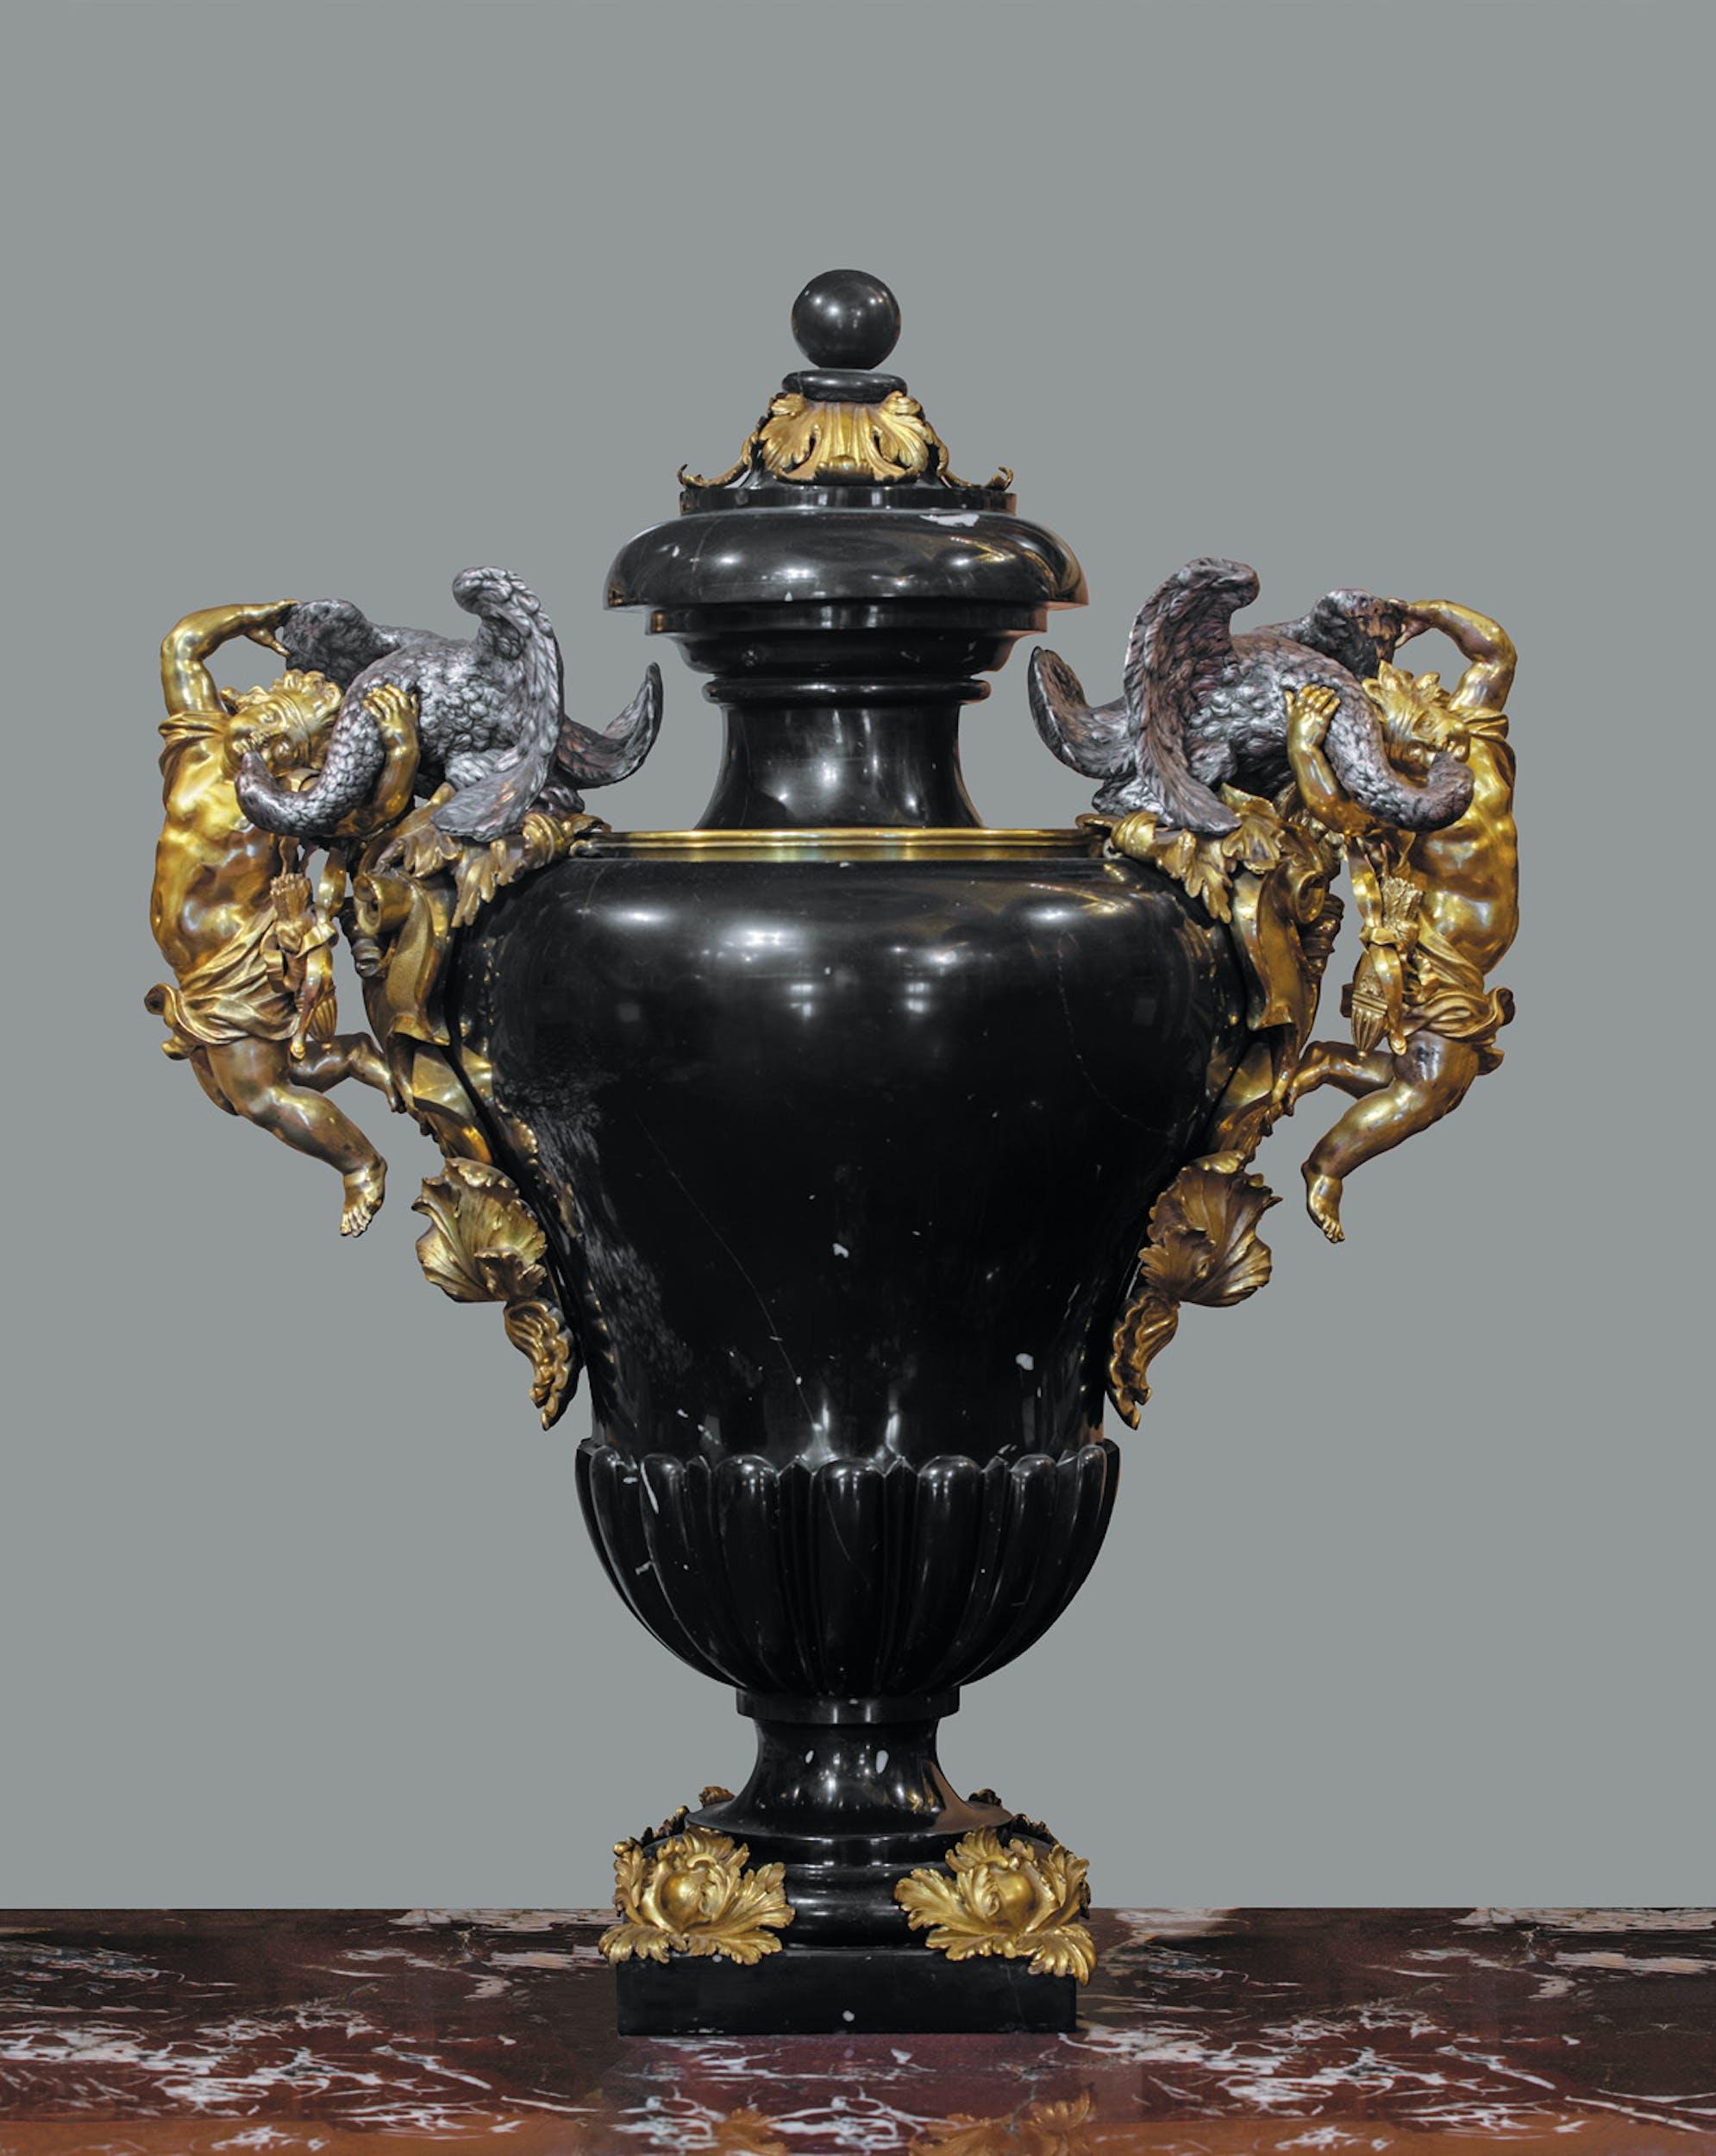 Massimiliano Soldani Benzi Vaso con manici figurati 1689-1693 circa marmo nero del Belgio, argento e bronzo dorato Appartamenti Imperiali e Reali, Gallerie degli Uffizi, Firenze